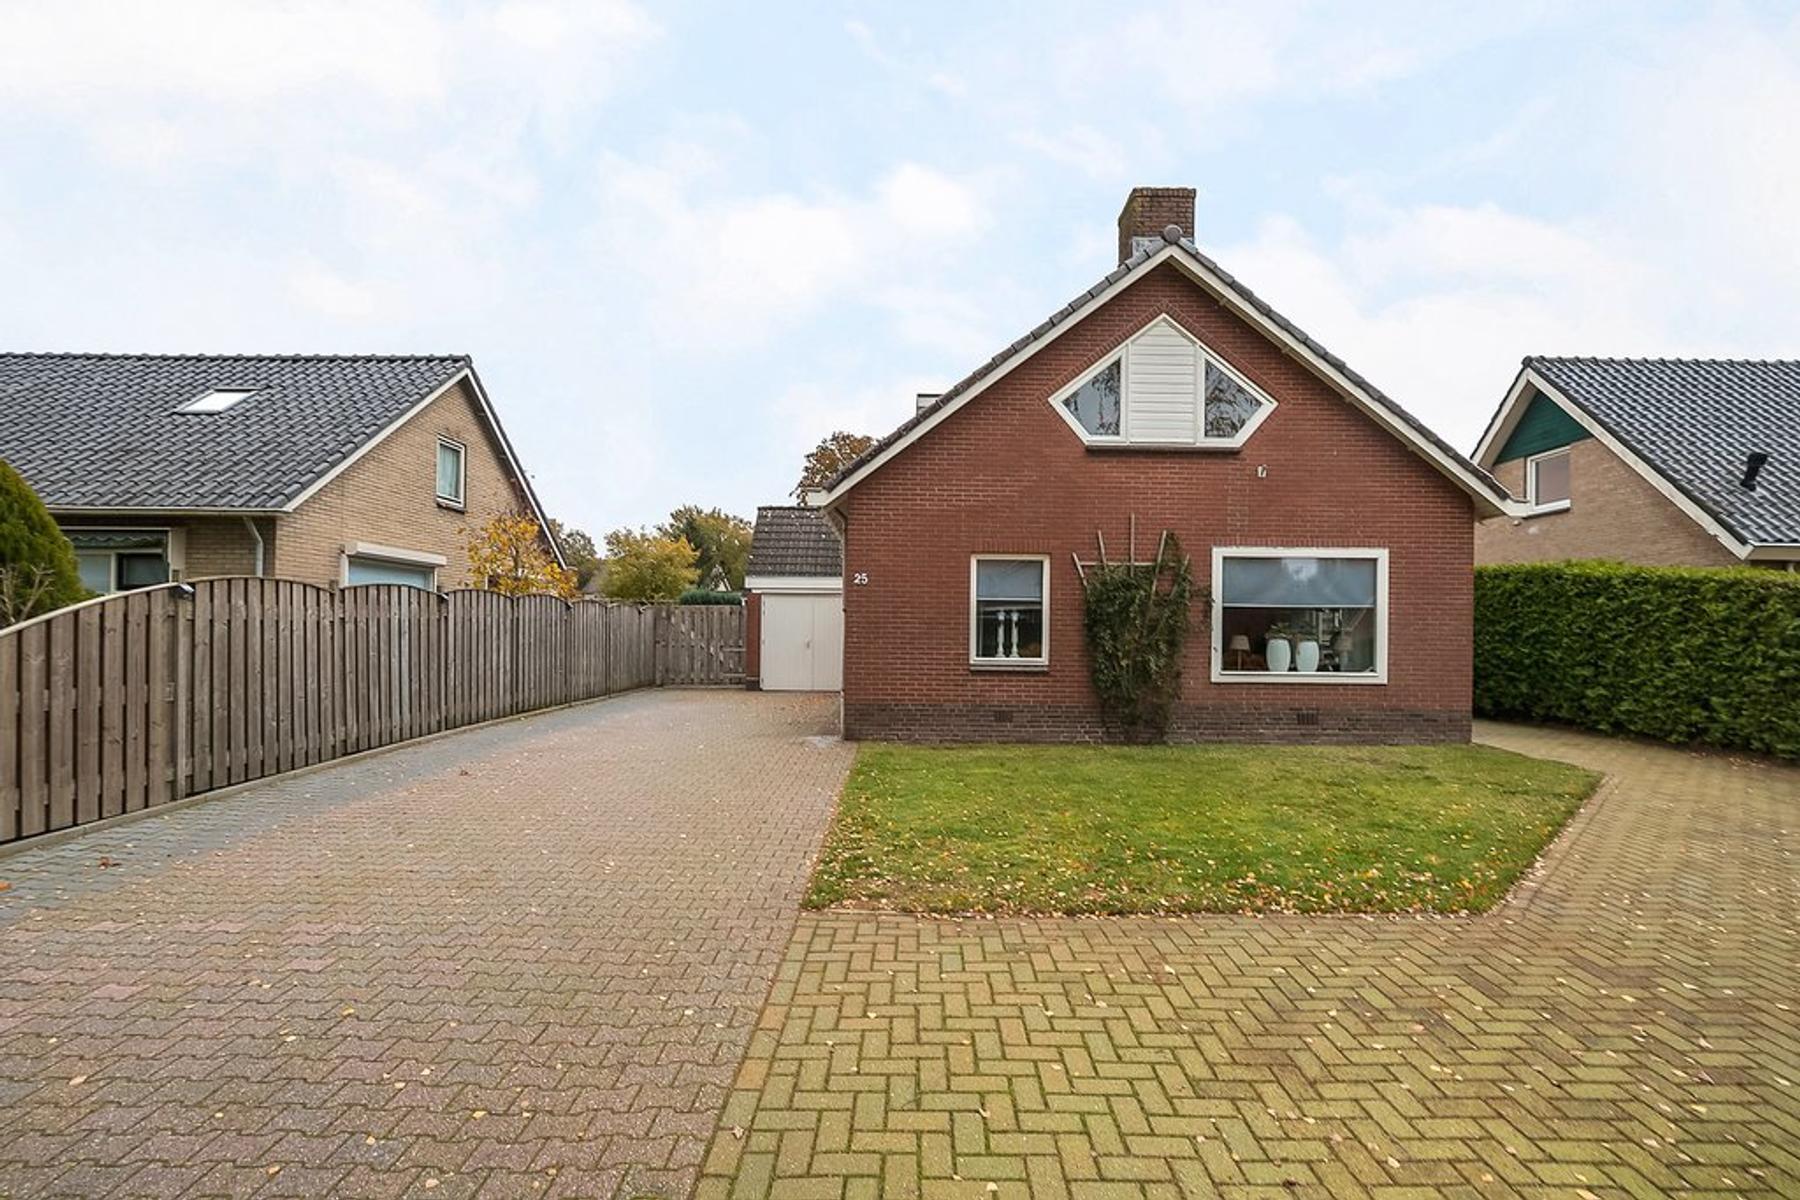 Johan Clemmestraat 25 in Marienberg 7692 AP